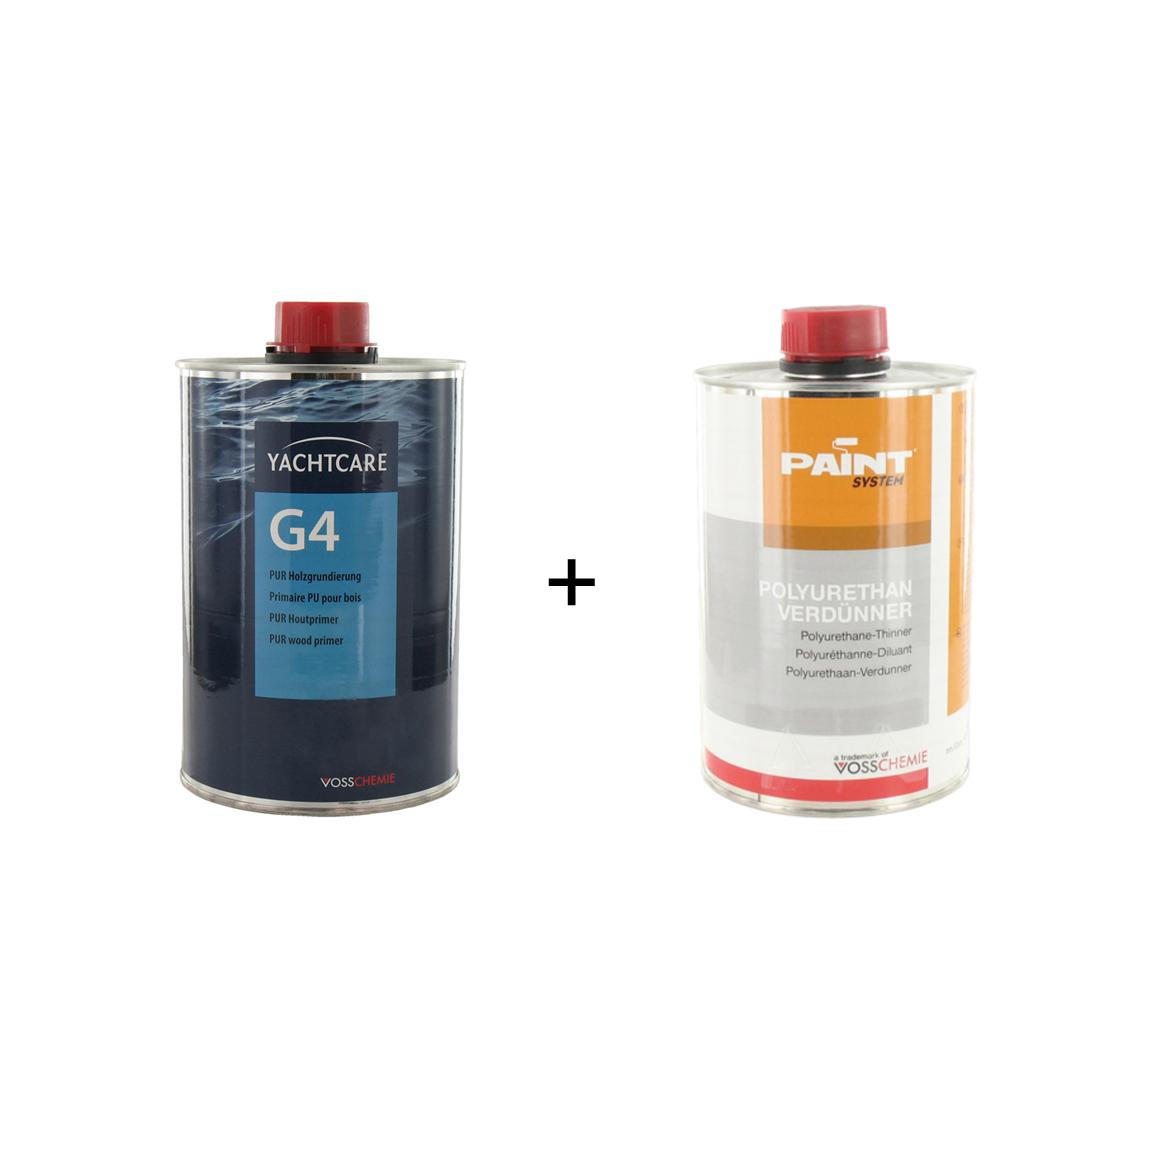 pack vernis primaire d'accrochage g4 yachtcare 1l - diluant pour